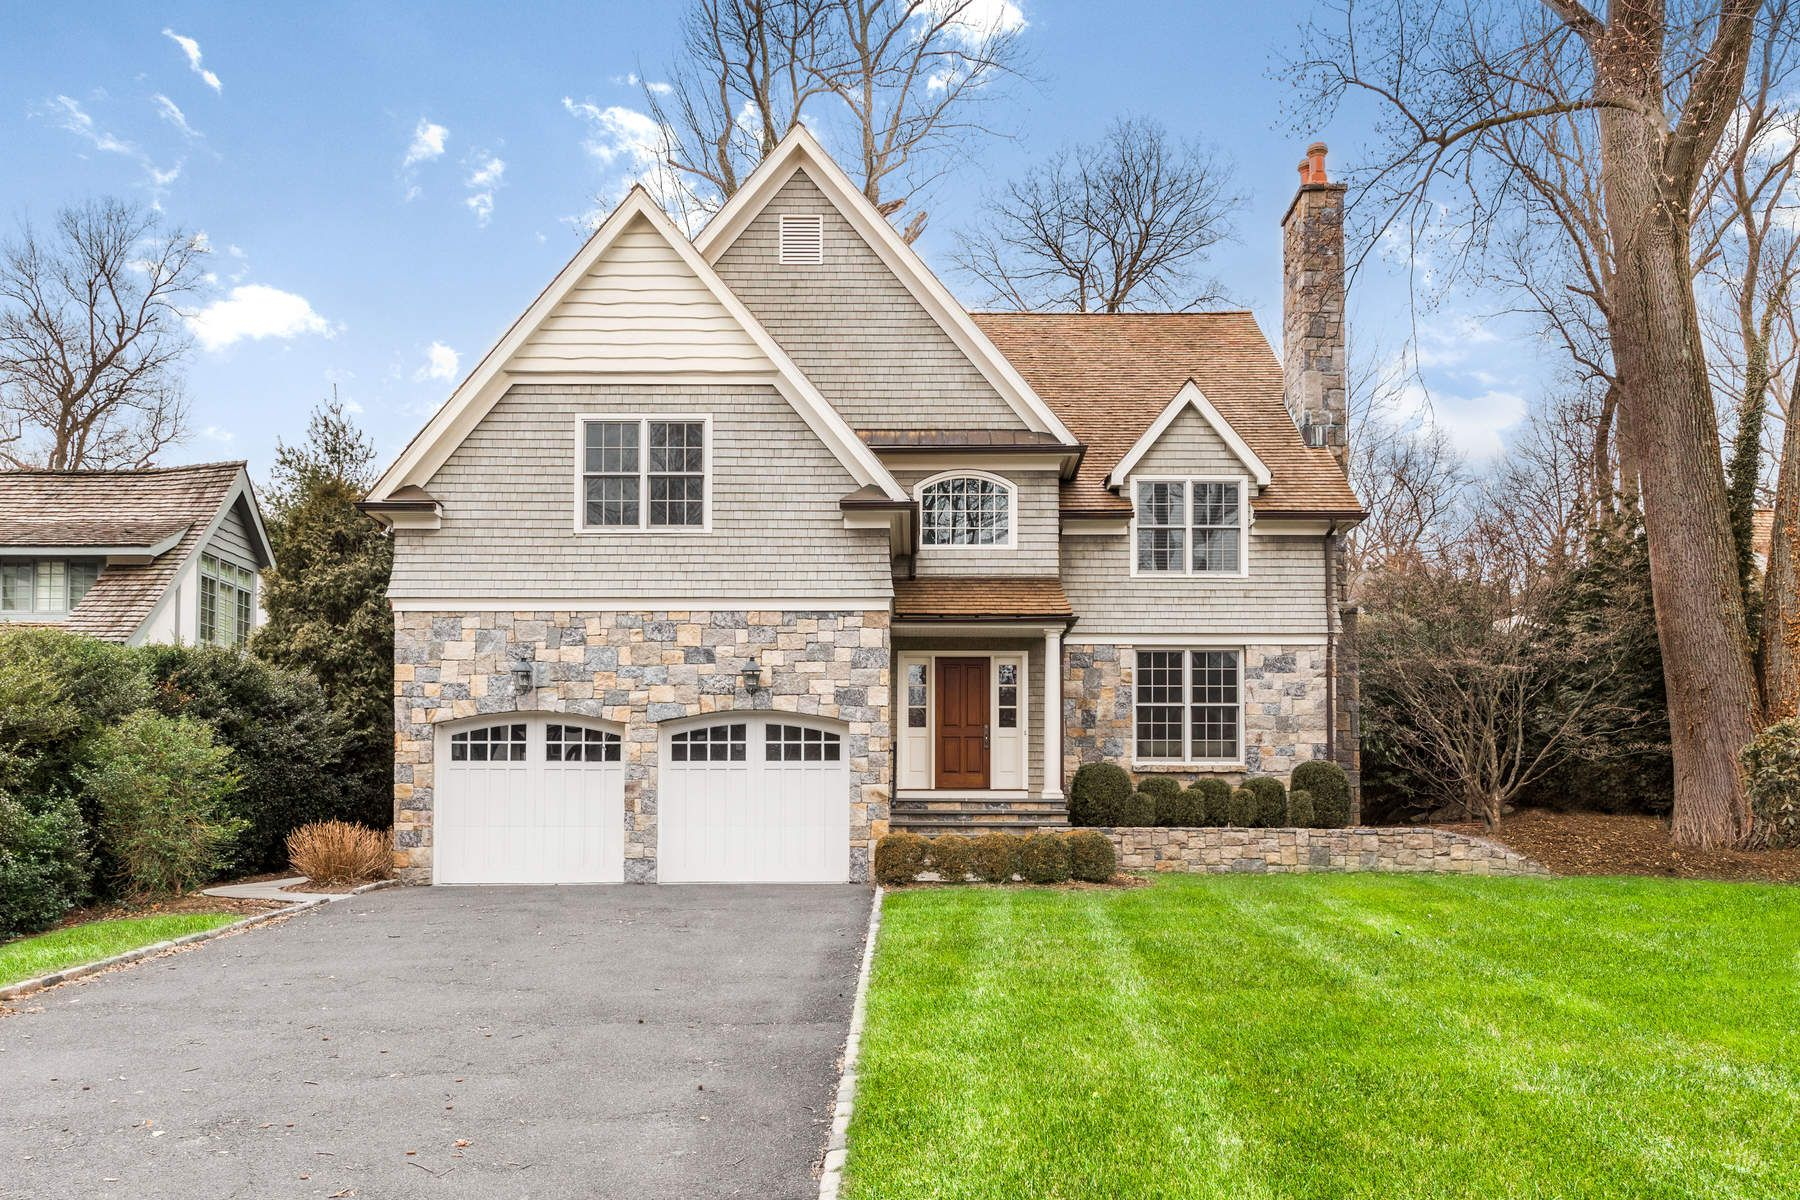 独户住宅 为 销售 在 44 Orchard Drive 格林威治, 康涅狄格州, 06830 美国